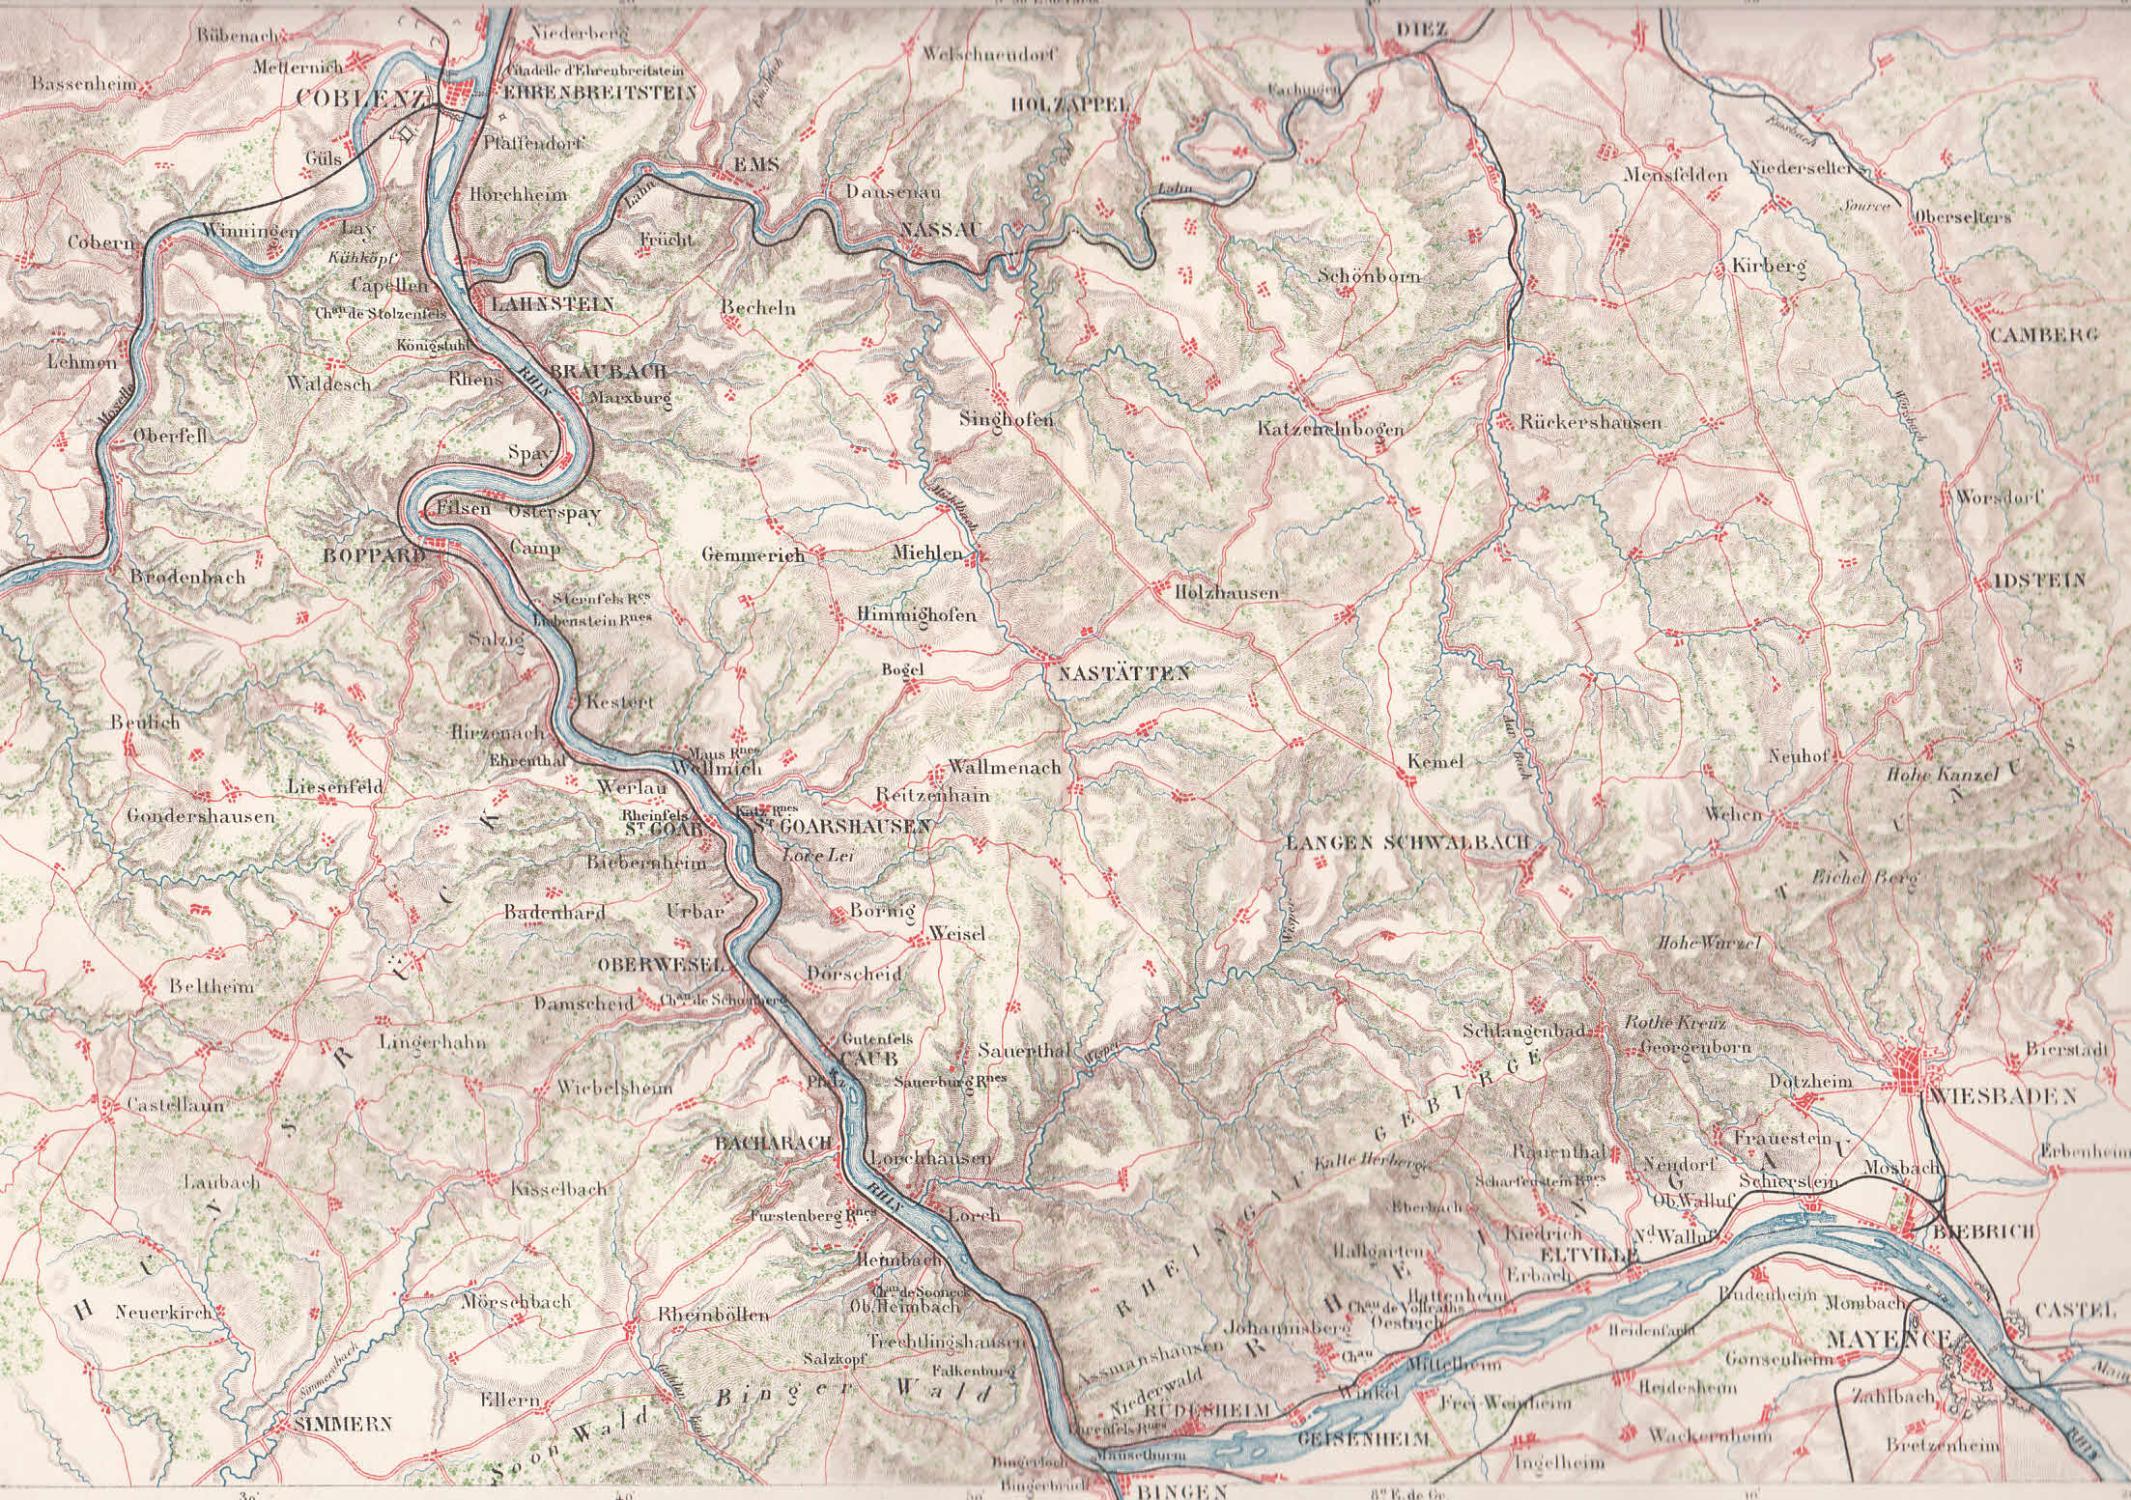 Karte Koblenz.Karte